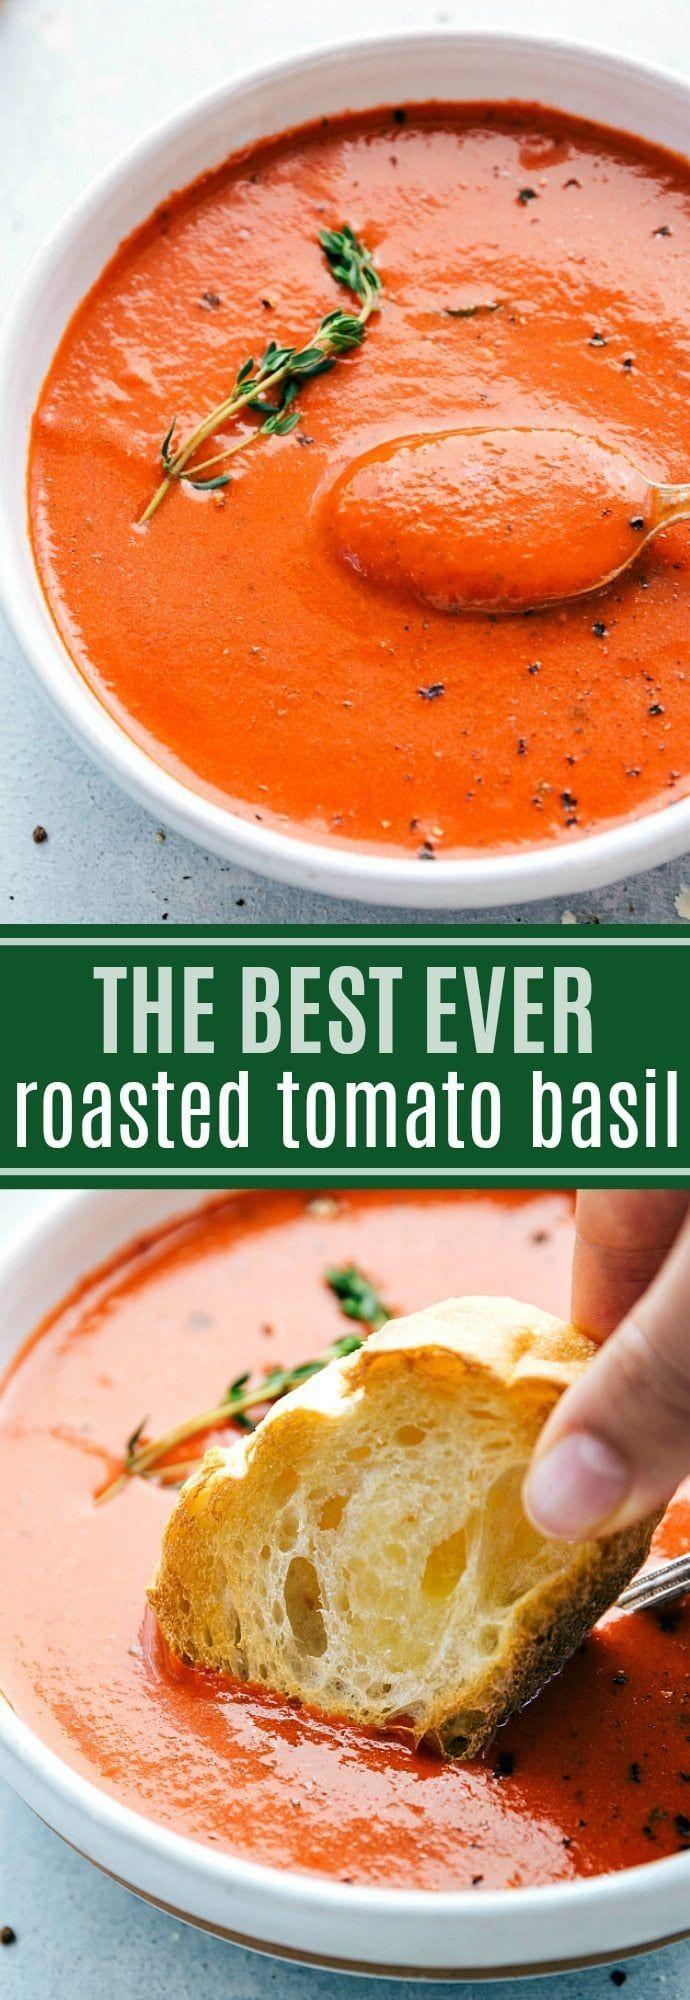 Die BESTE geröstete Tomaten-Basilikum-Suppe! Lecker, gesund und so herzhaft! Ich Chelsea …